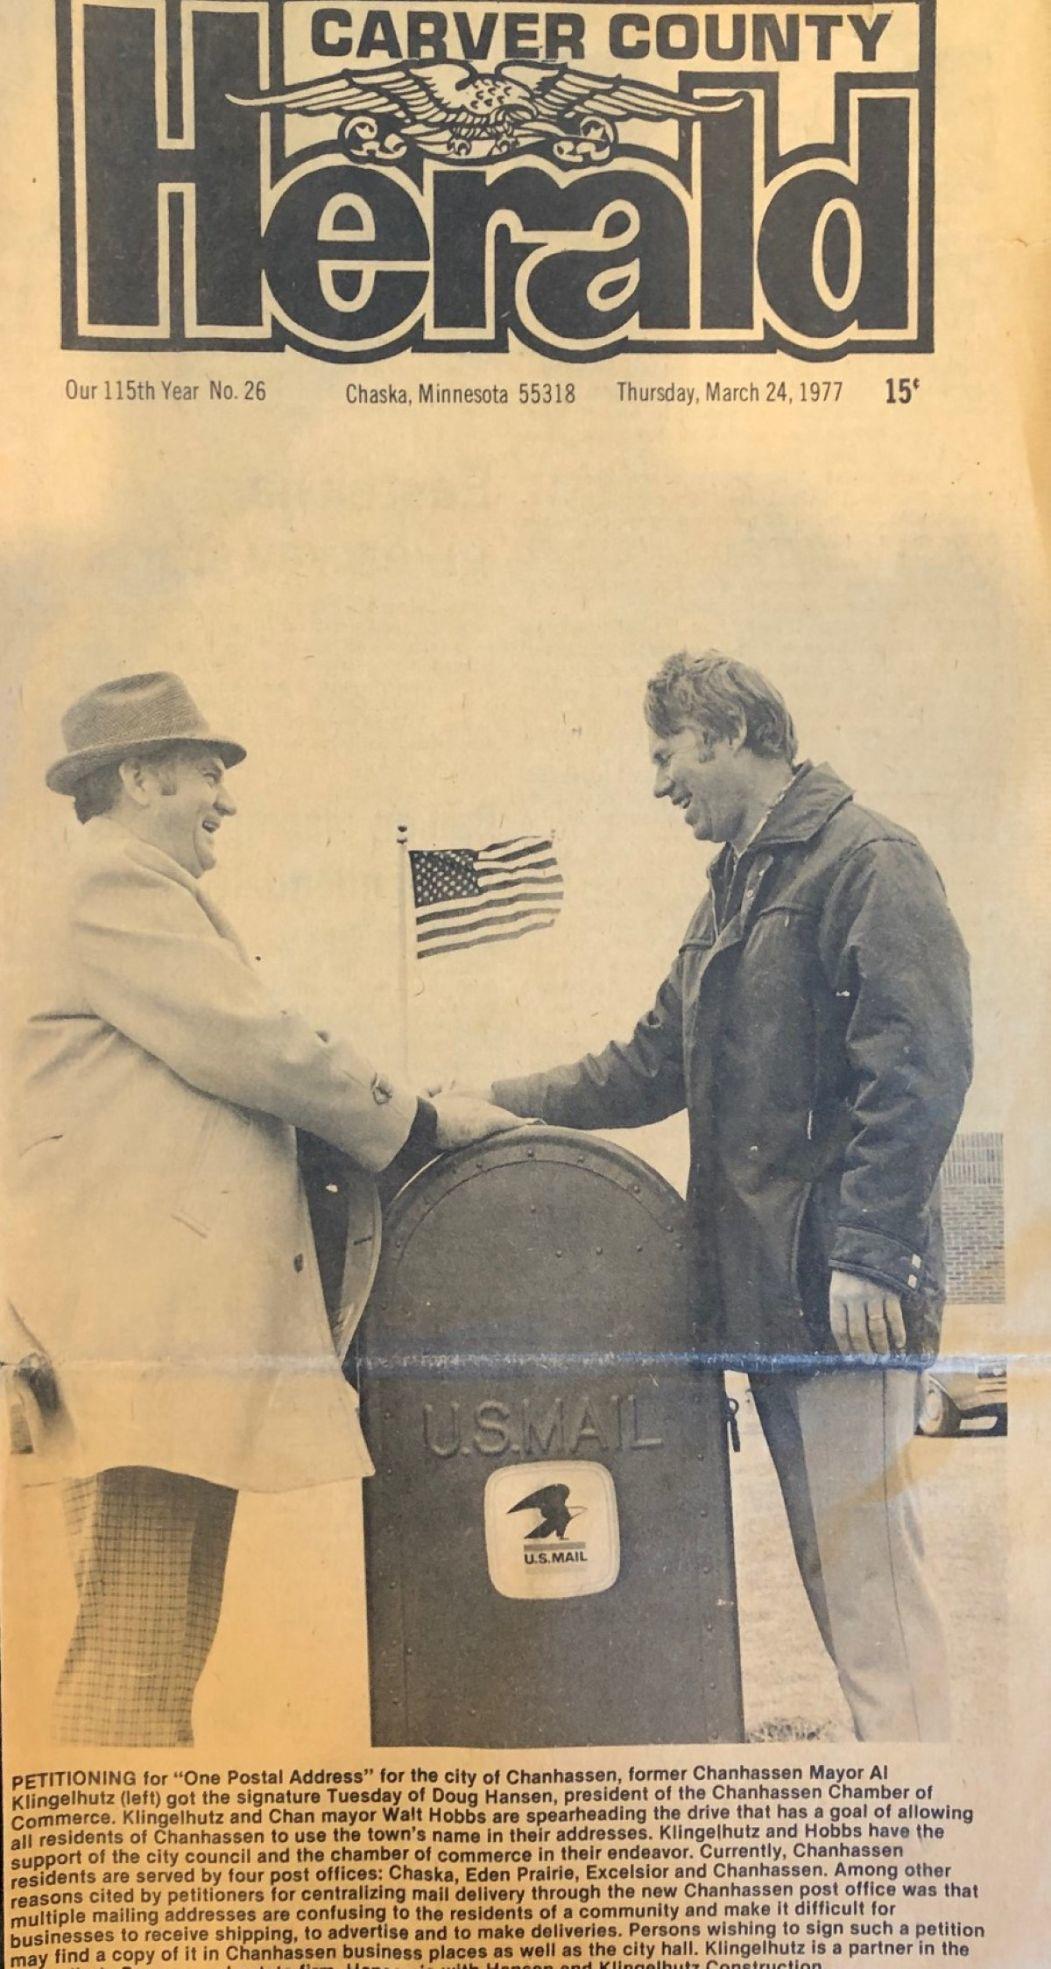 Al Klingelhutz and Doug Hansen